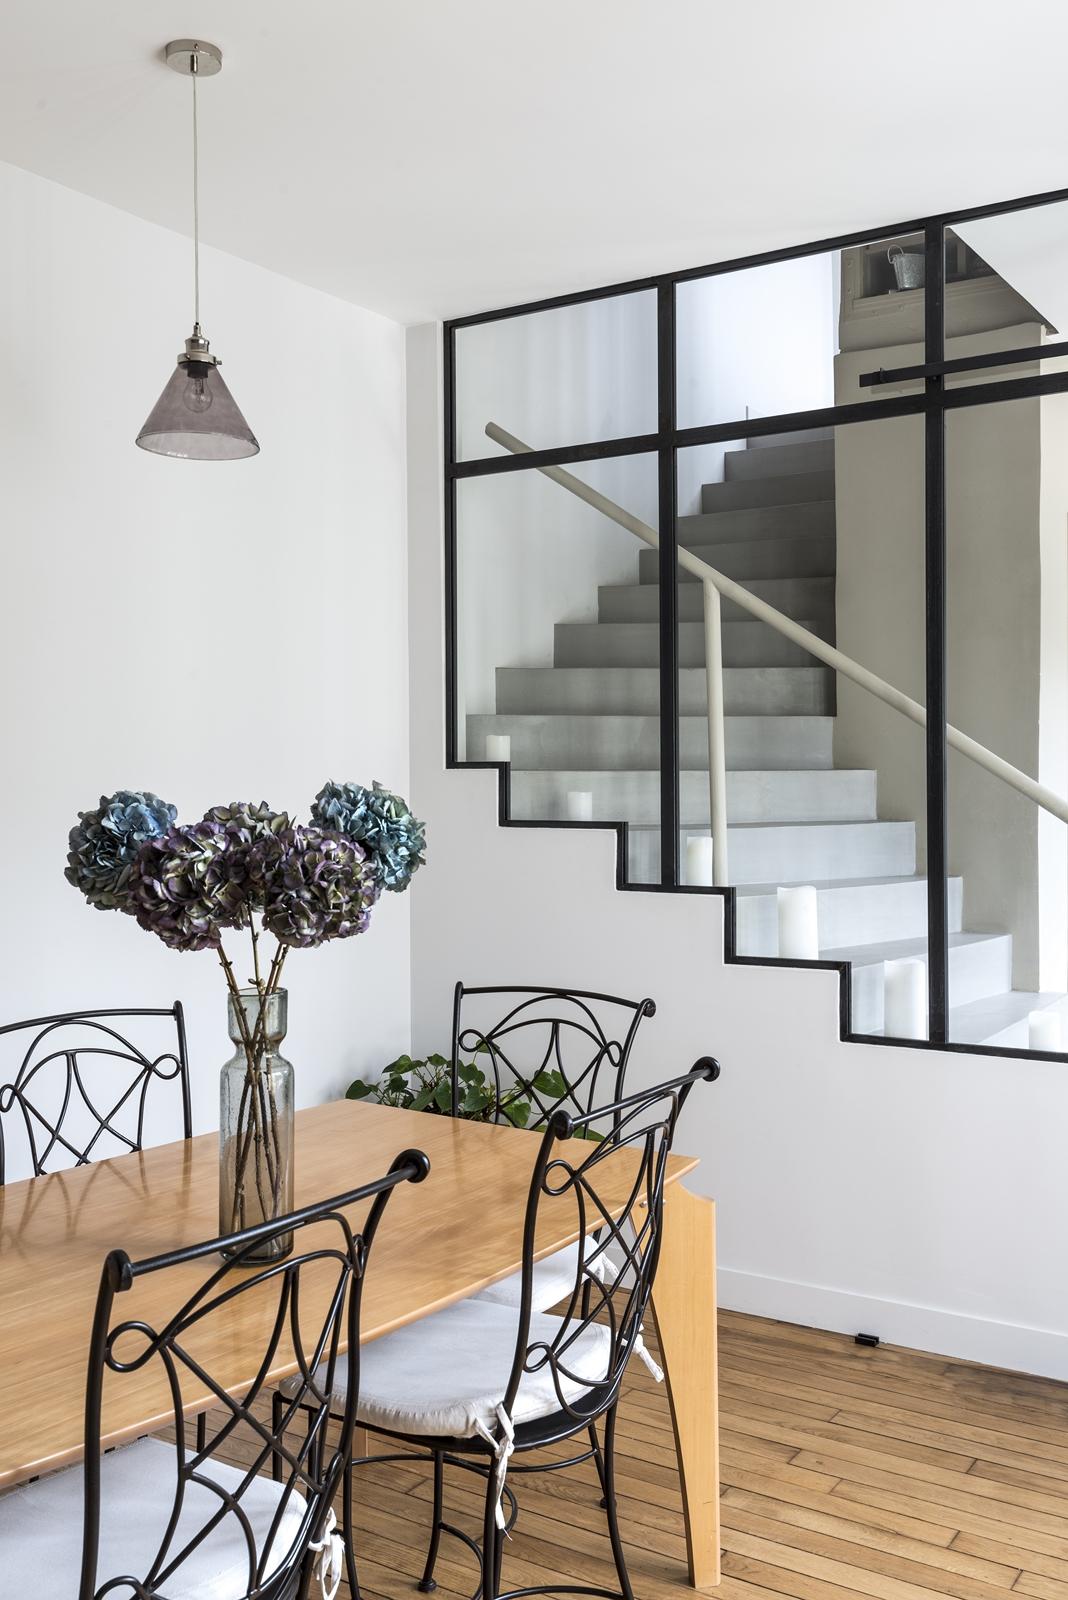 la maison d 39 emilie photographe architecture d co design. Black Bedroom Furniture Sets. Home Design Ideas